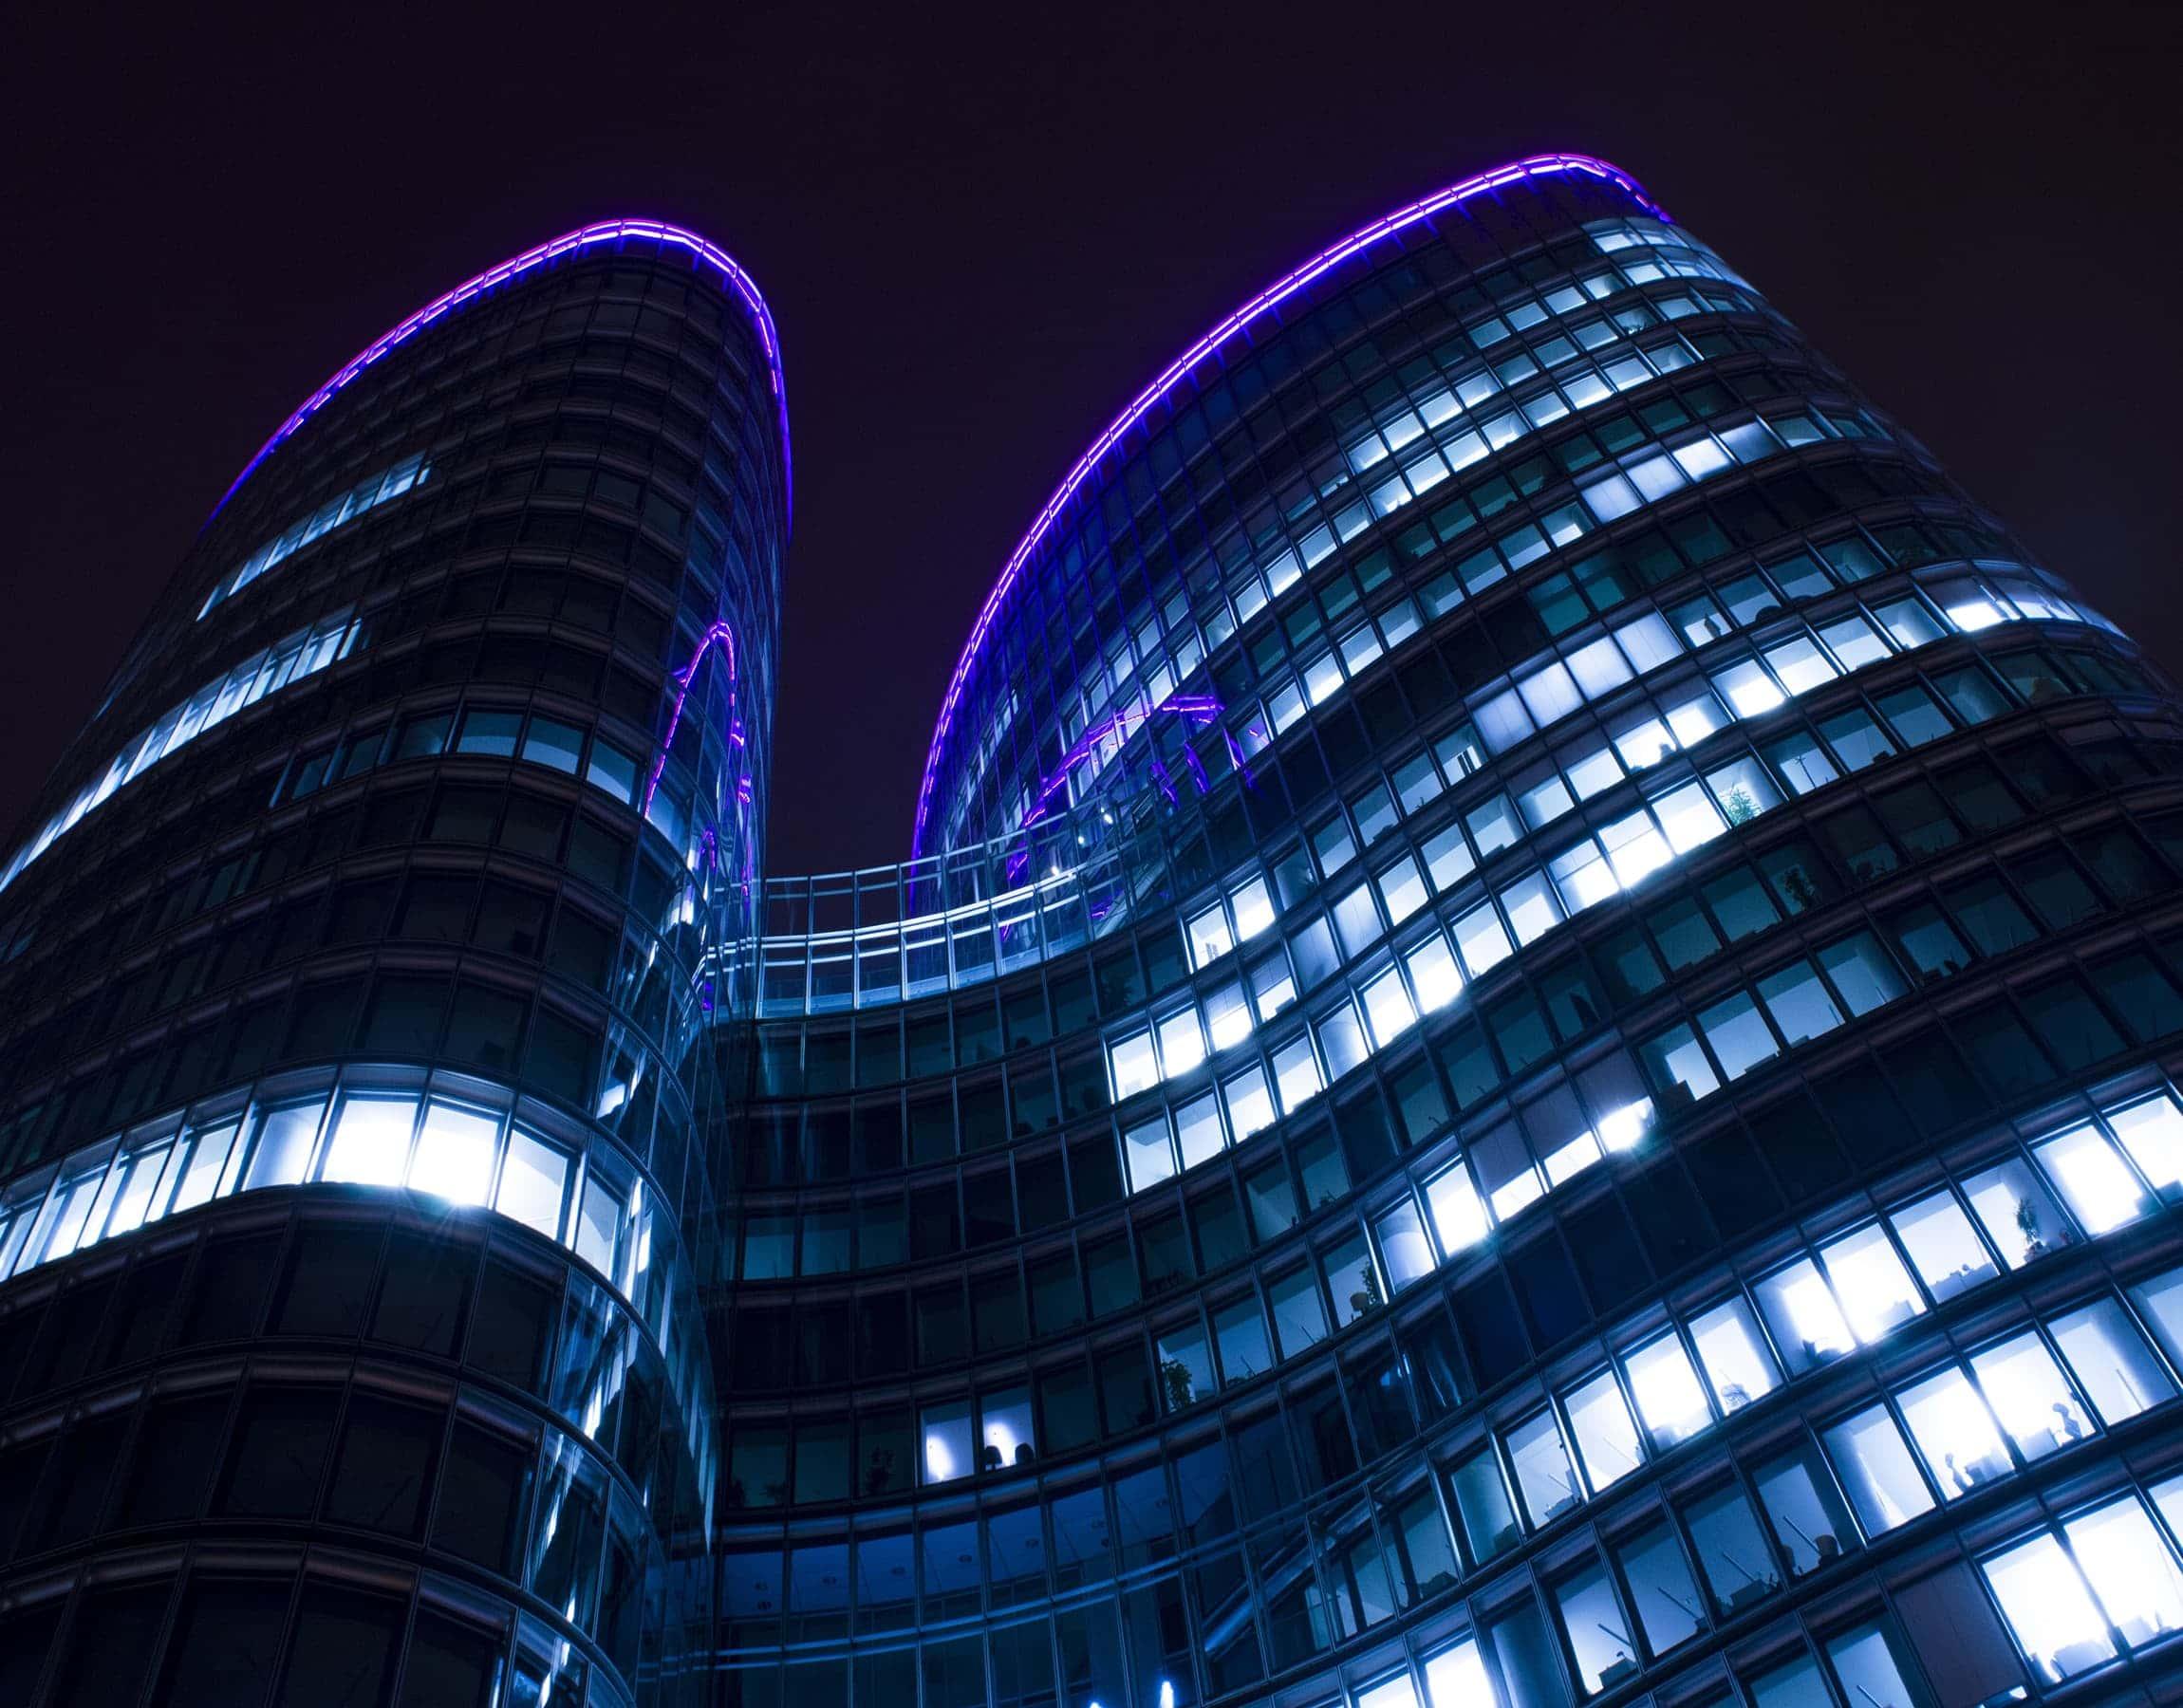 Palazzo moderno illuminato di notte con neon viola sul tetto